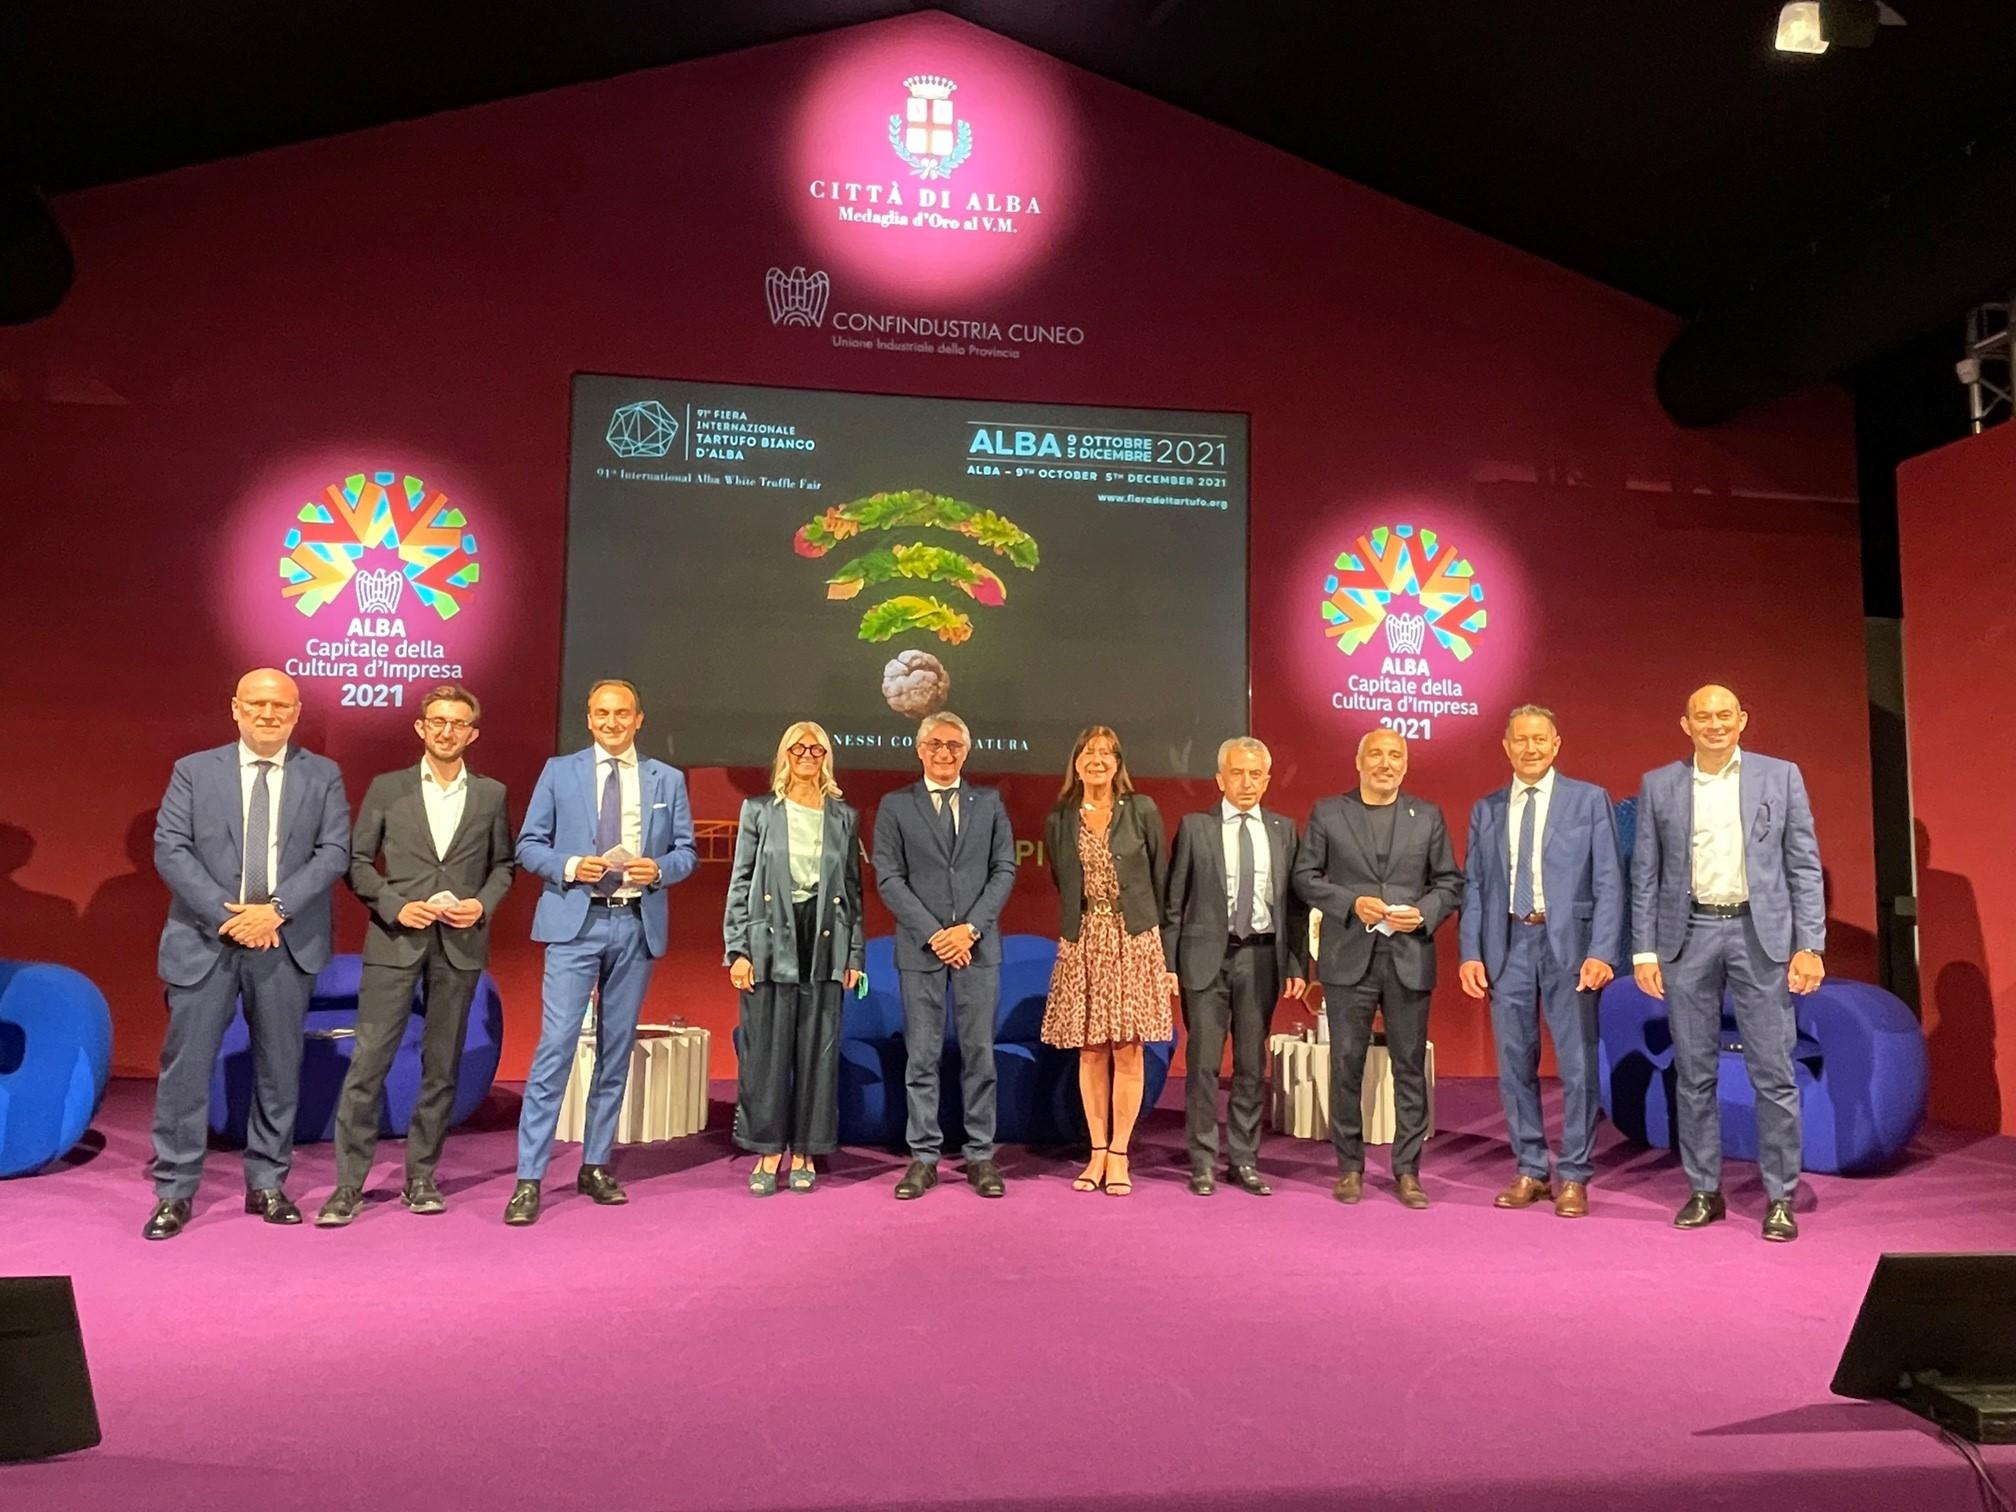 Presentazione Fiera Tartufo Bianco Alba 2021 – Gruppo finale